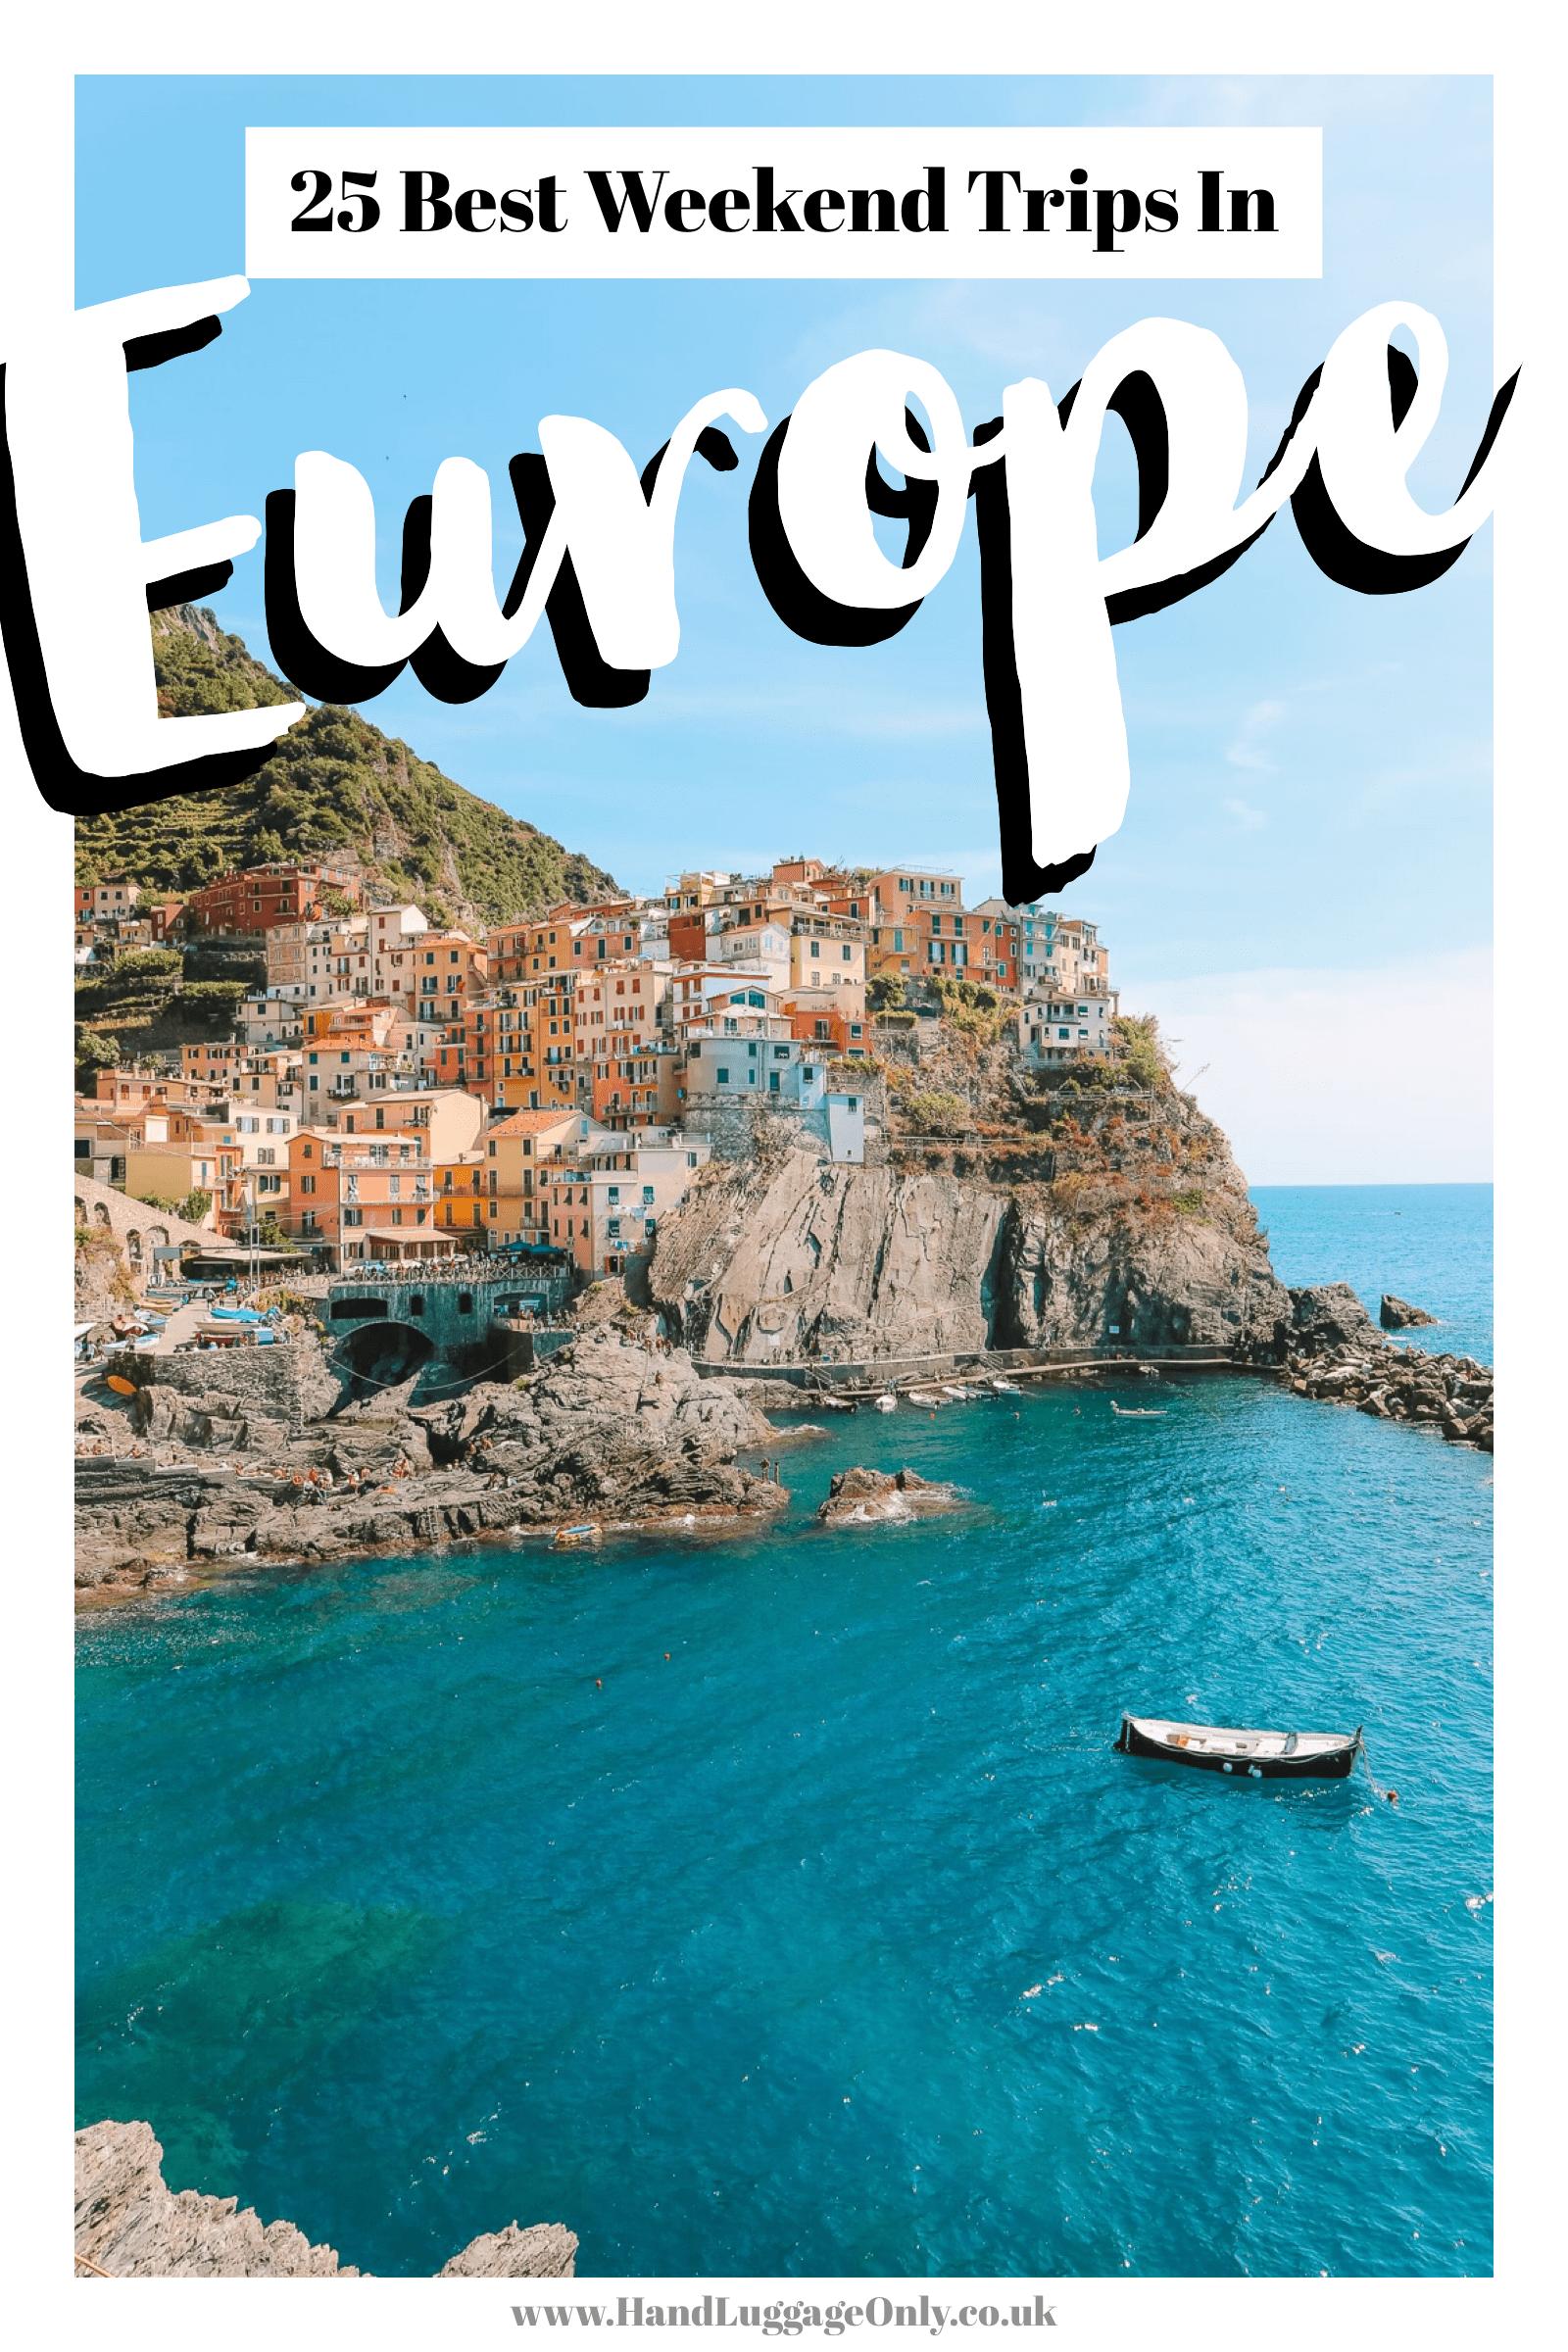 25 Perfect Weekend Getaways In Europe